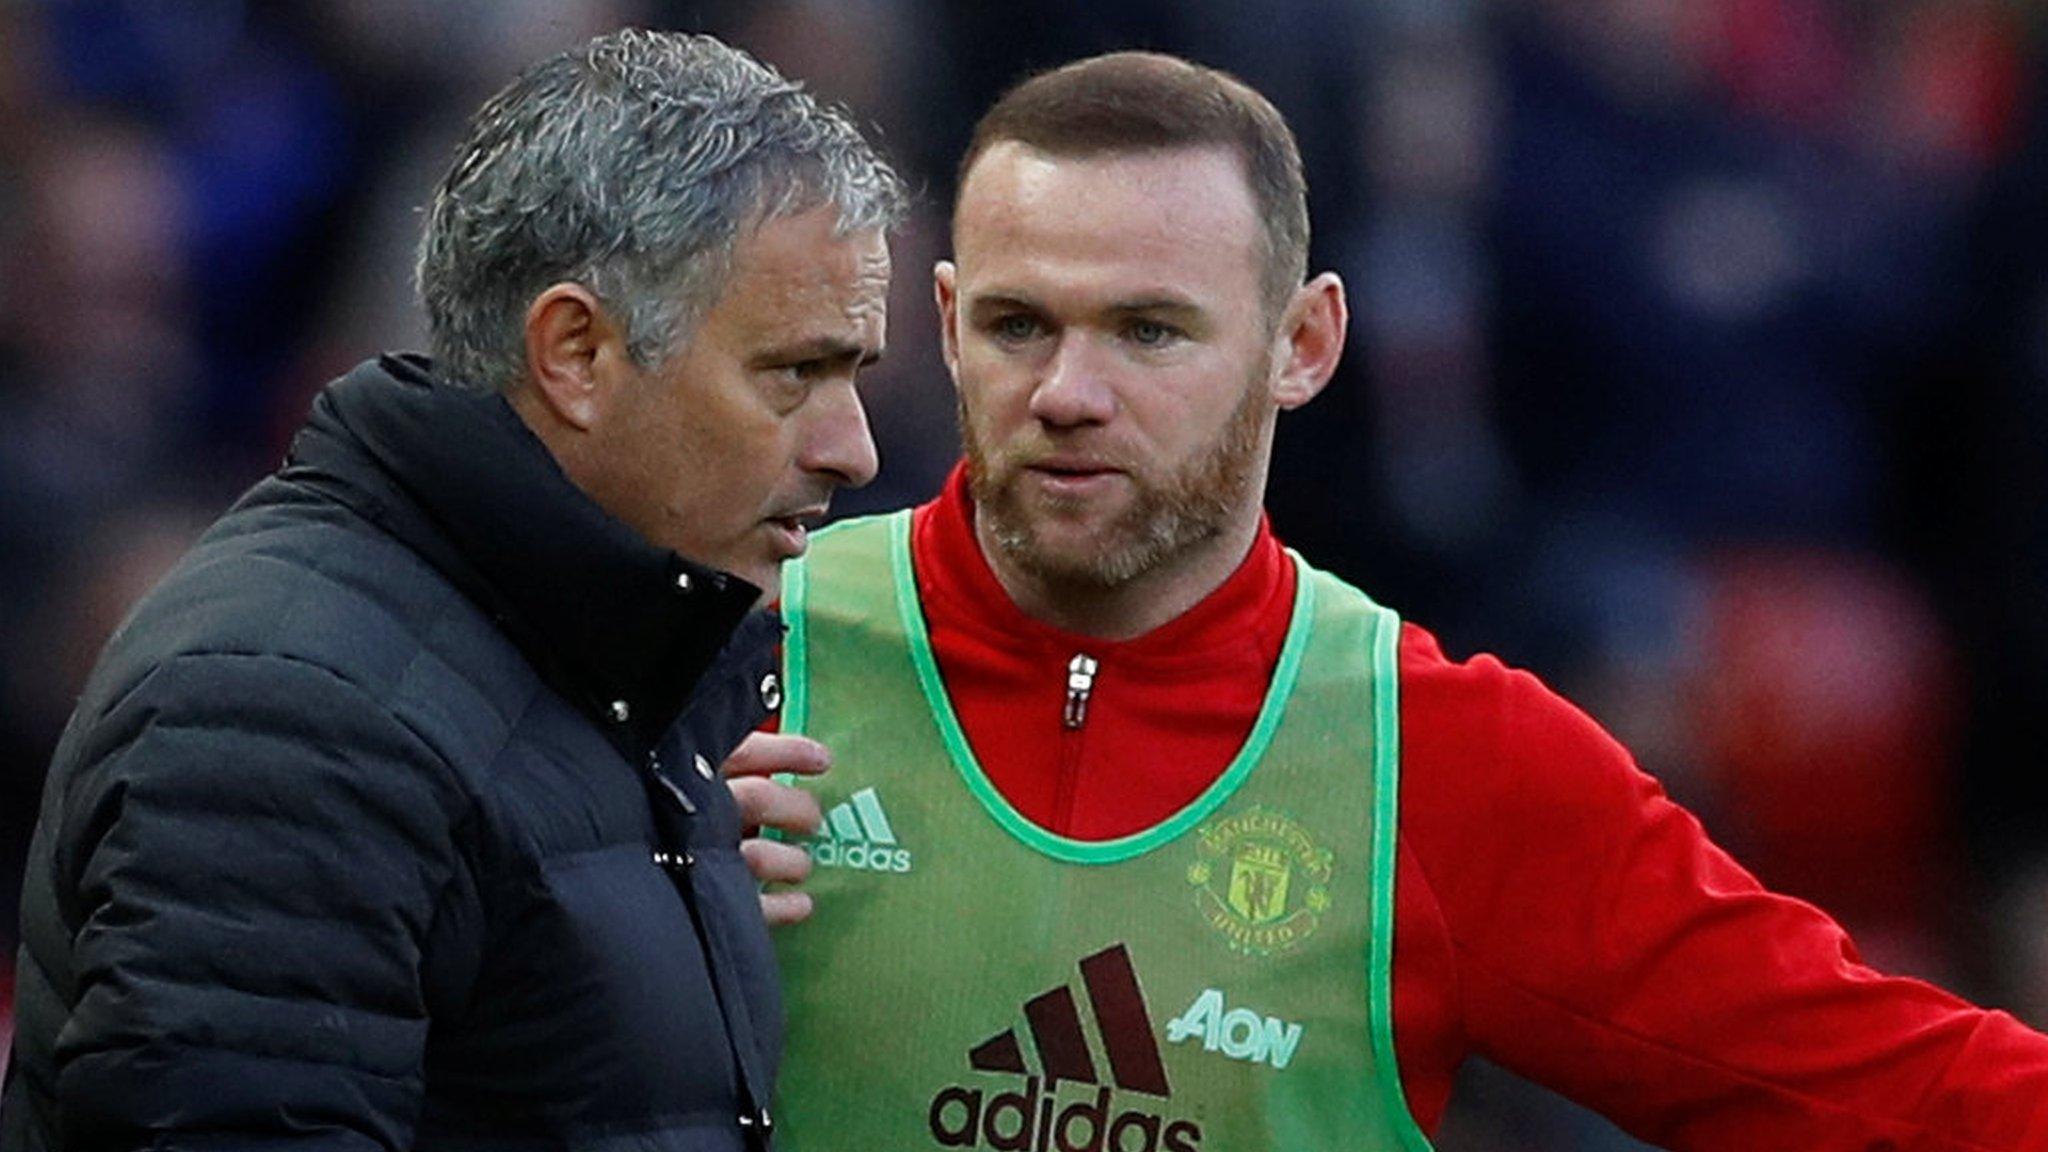 Wayne Rooney: Former Man Utd striker became 'embarrassed' at Old Trafford